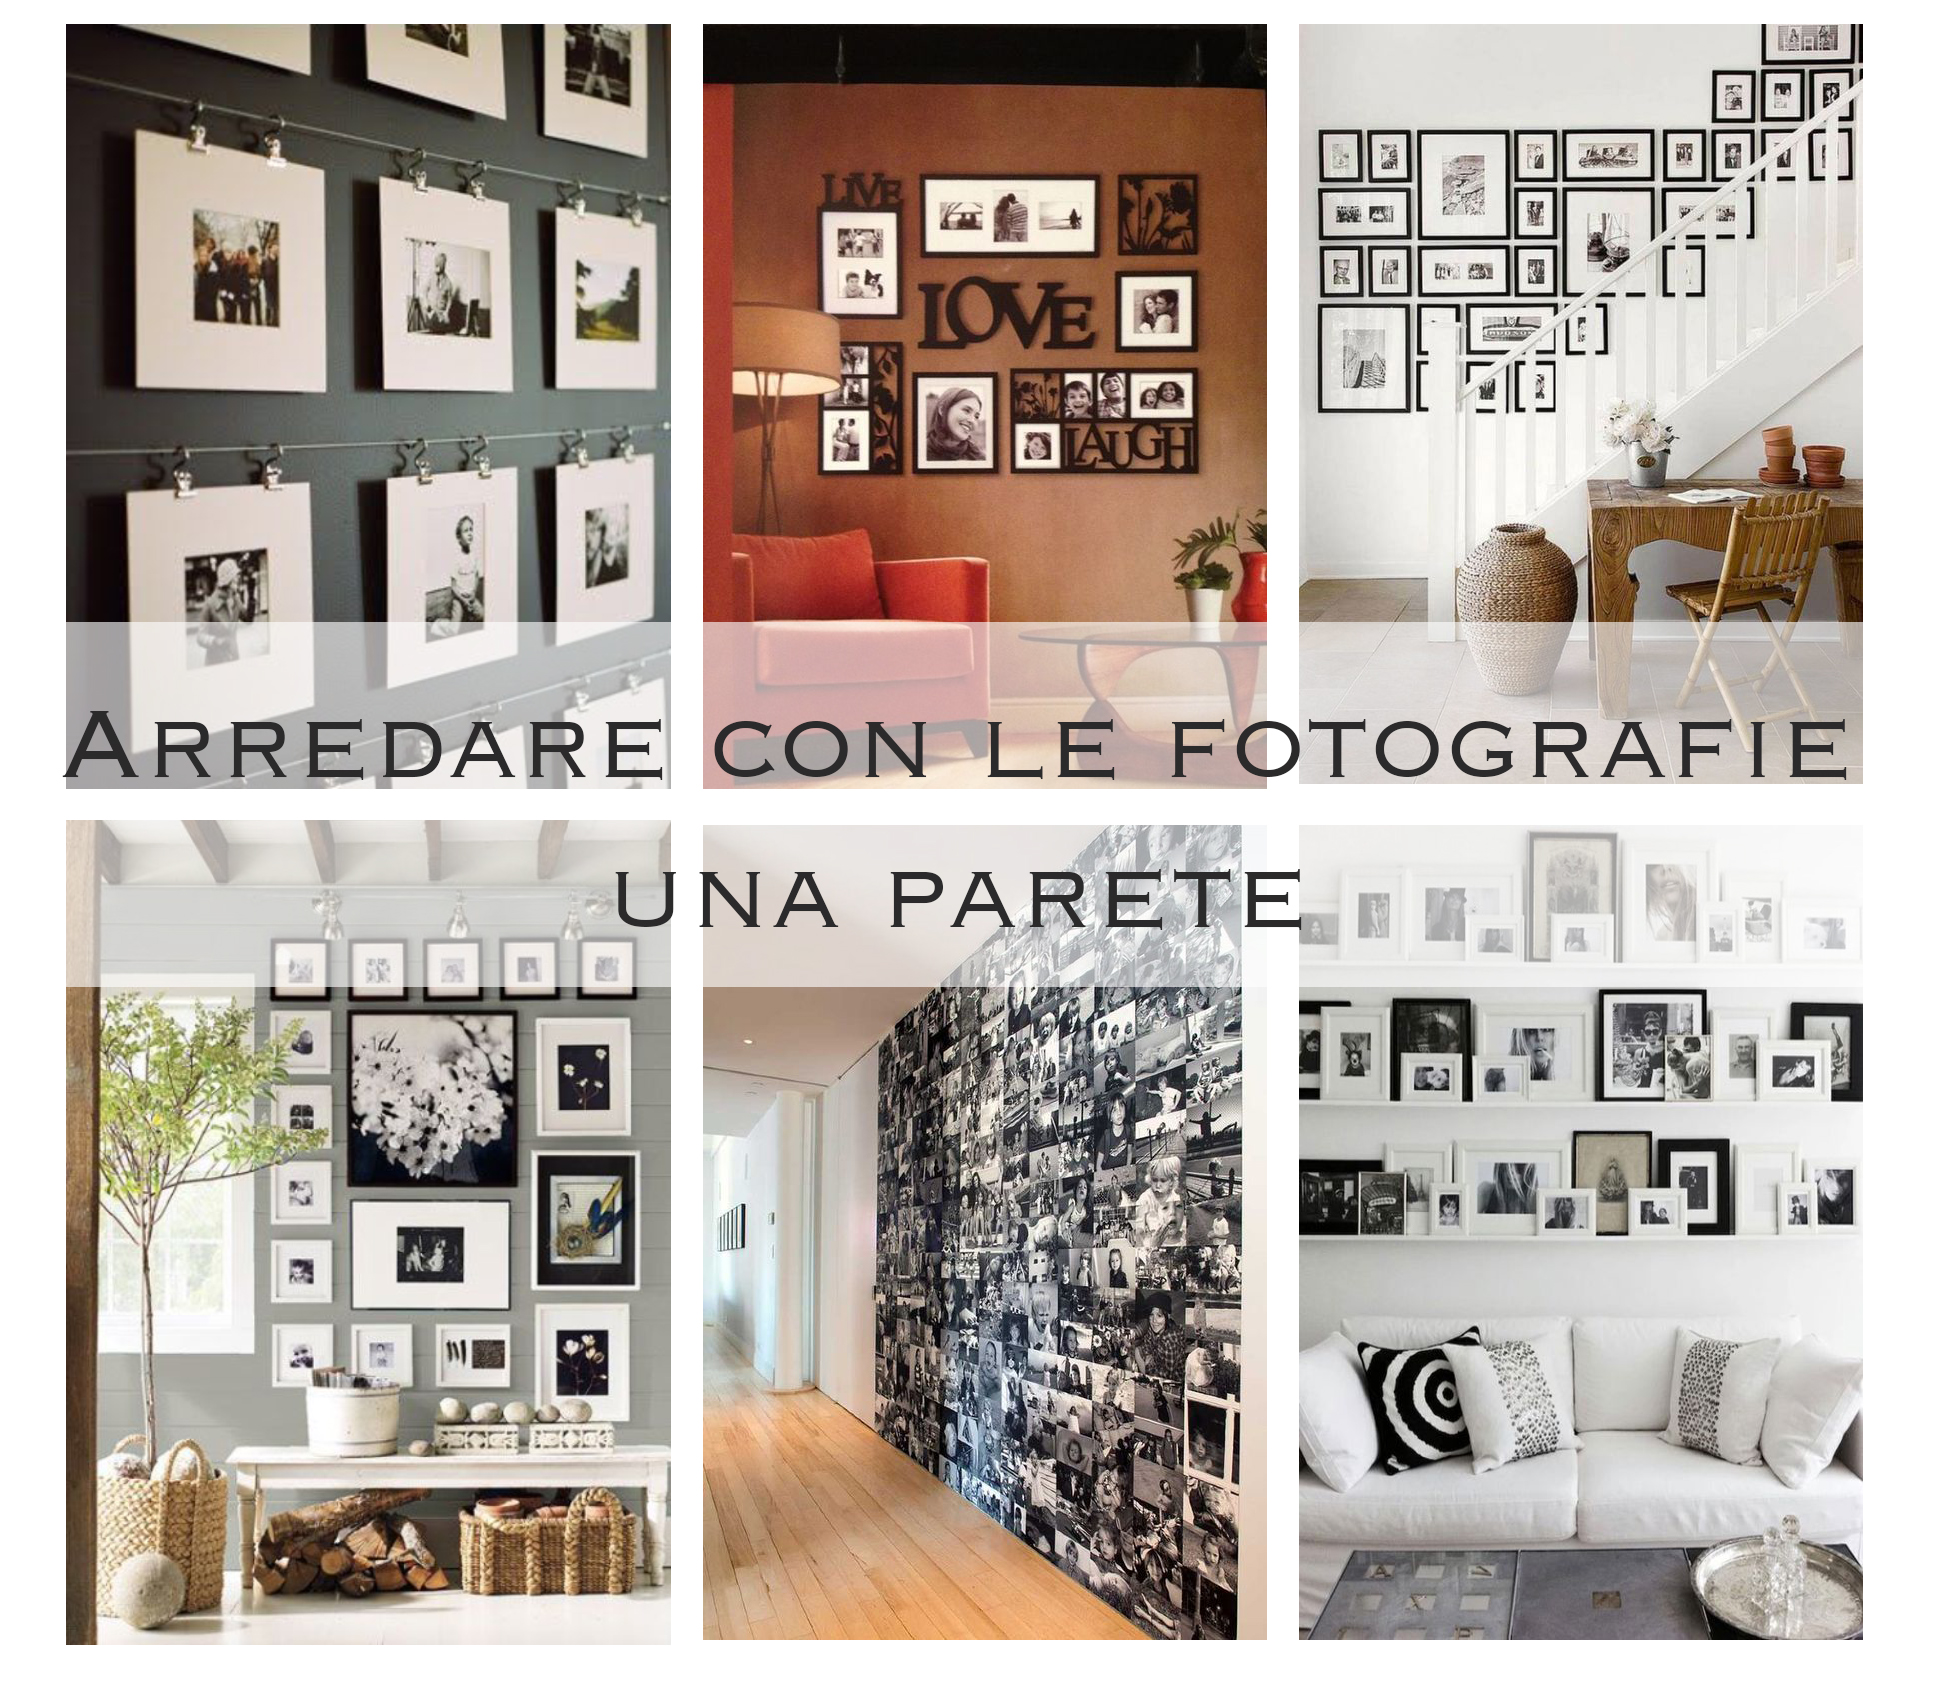 Come arredare con le fotografie una parete bismama for Arredare parete